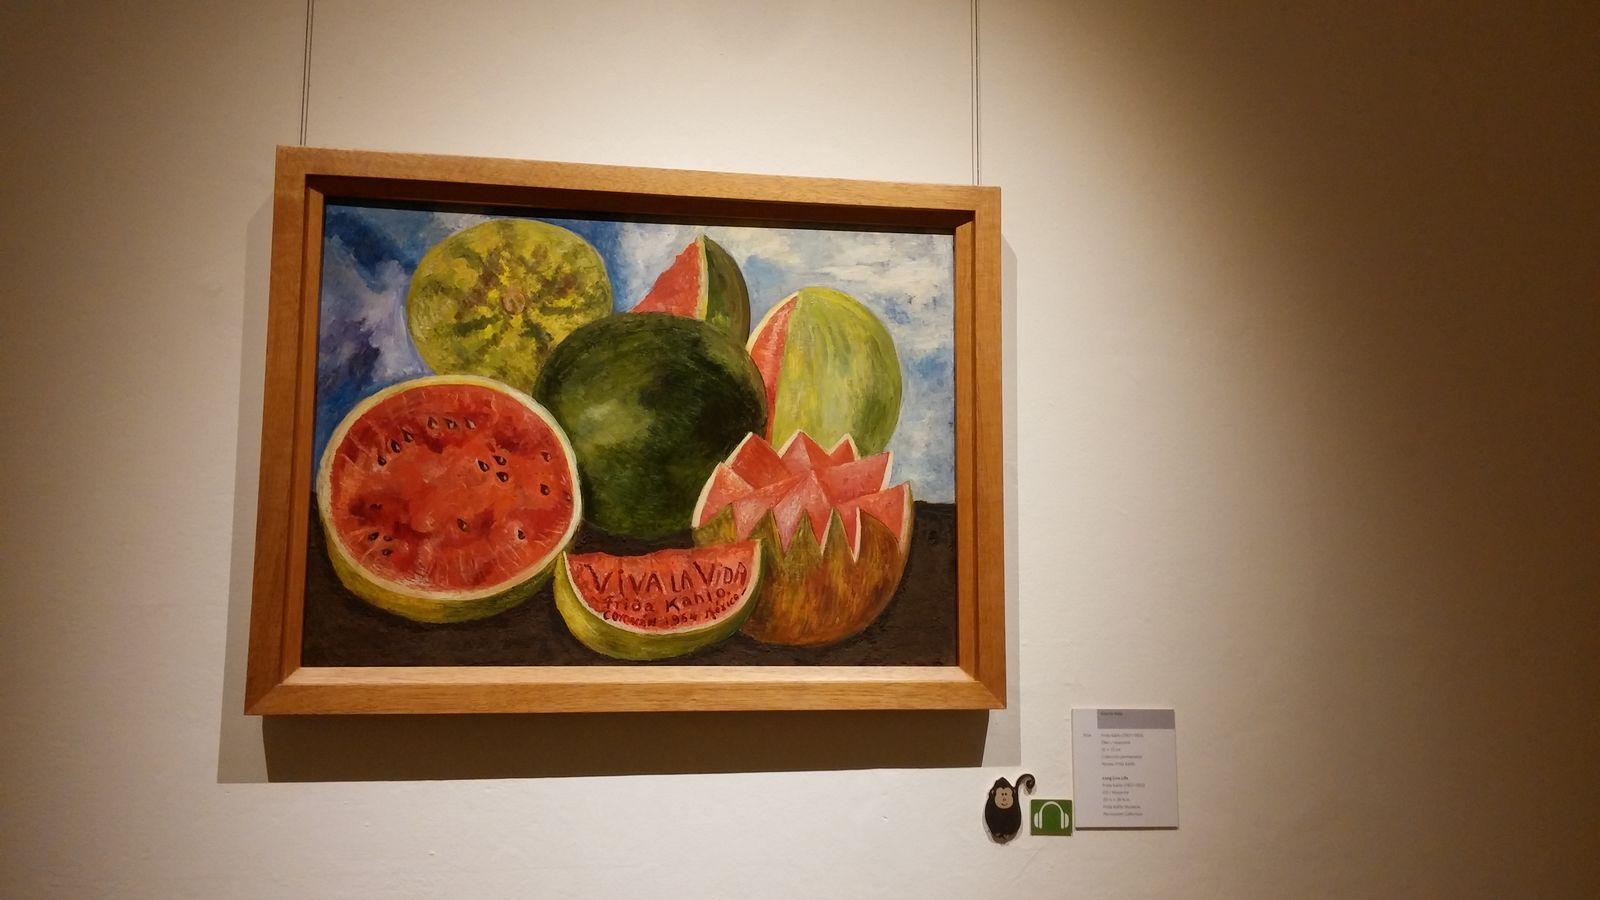 프리다 칼로의 작품 viva la vida.